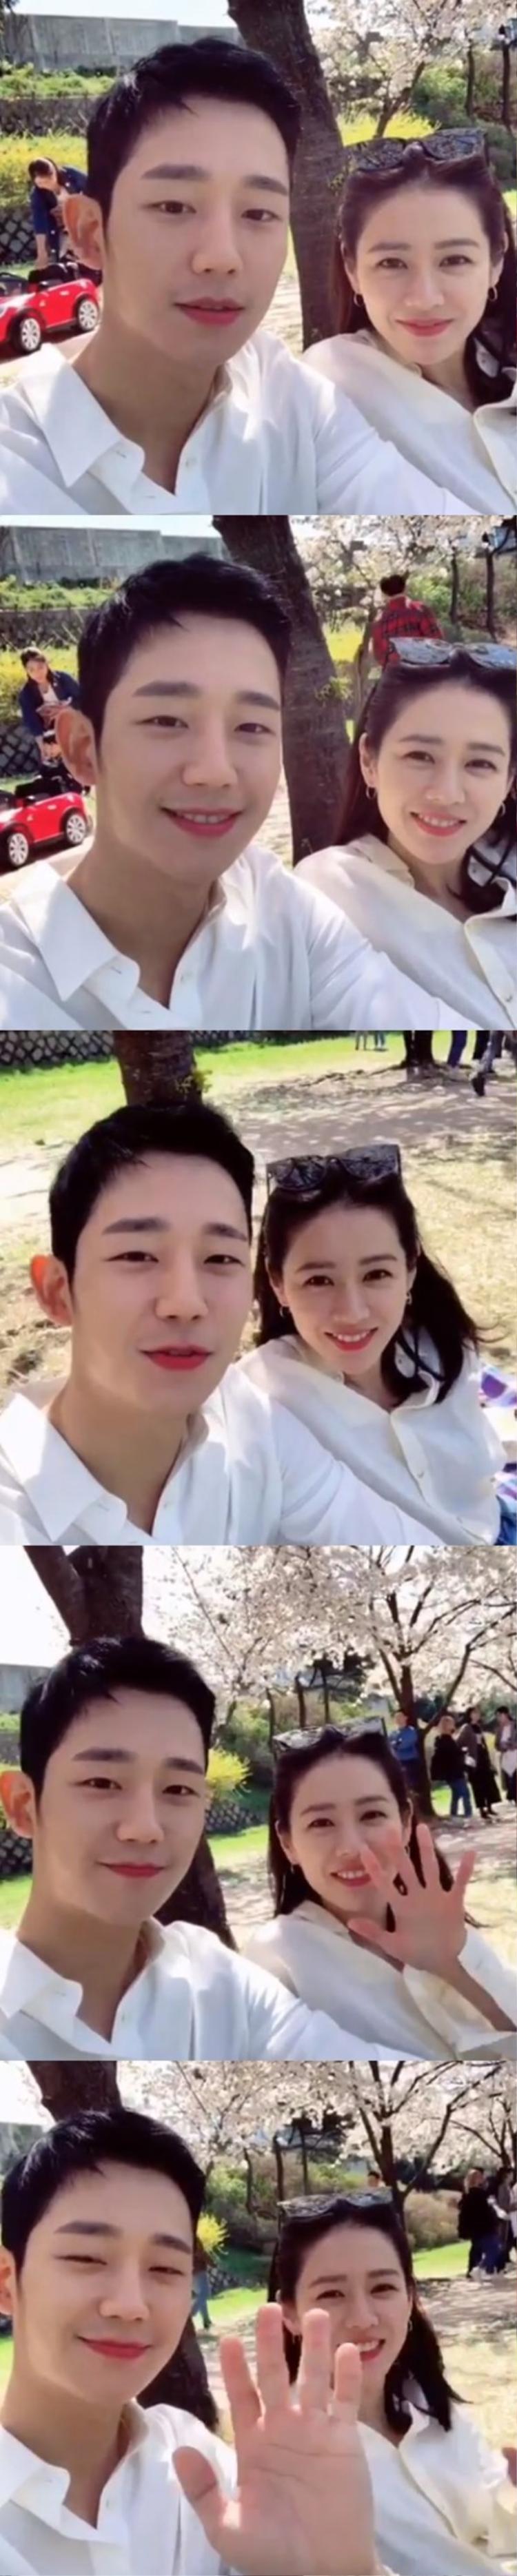 Chị đẹp hot đến mức clip Jung Hae In ngọt ngào gọi Son Ye Jin là noona đạt triệu view trong 3 tiếng